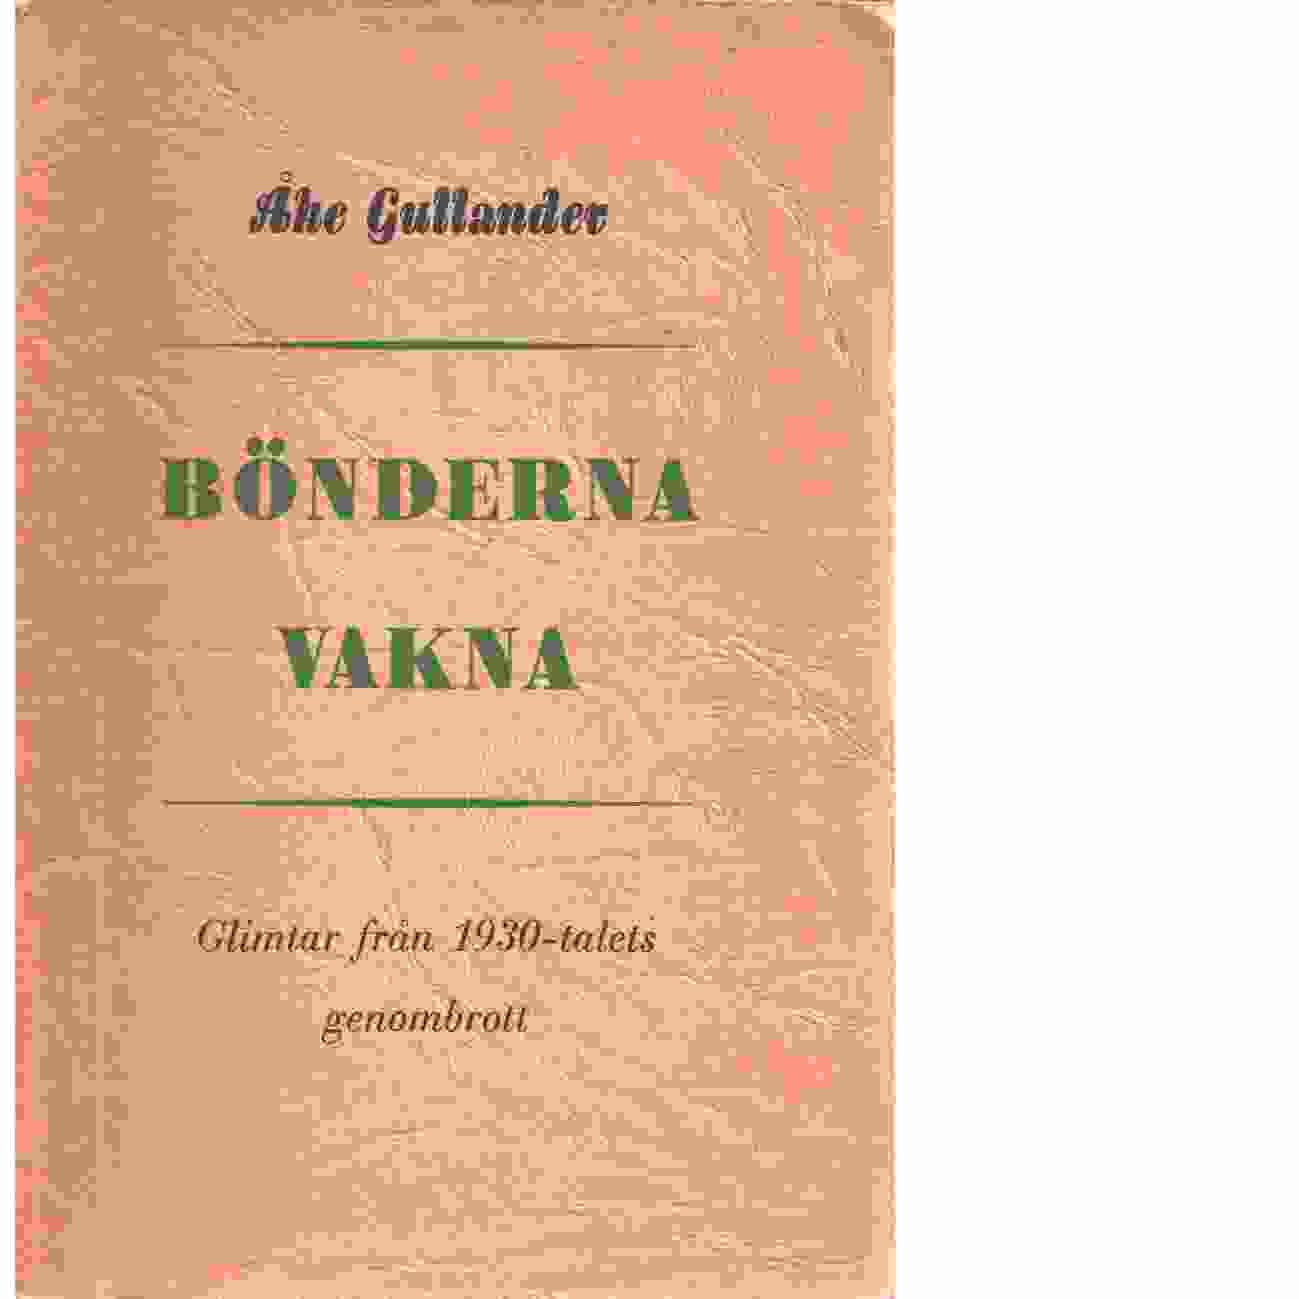 Bönderna vakna : glimtar från 1930-talets genombrott - Gullander, Åke